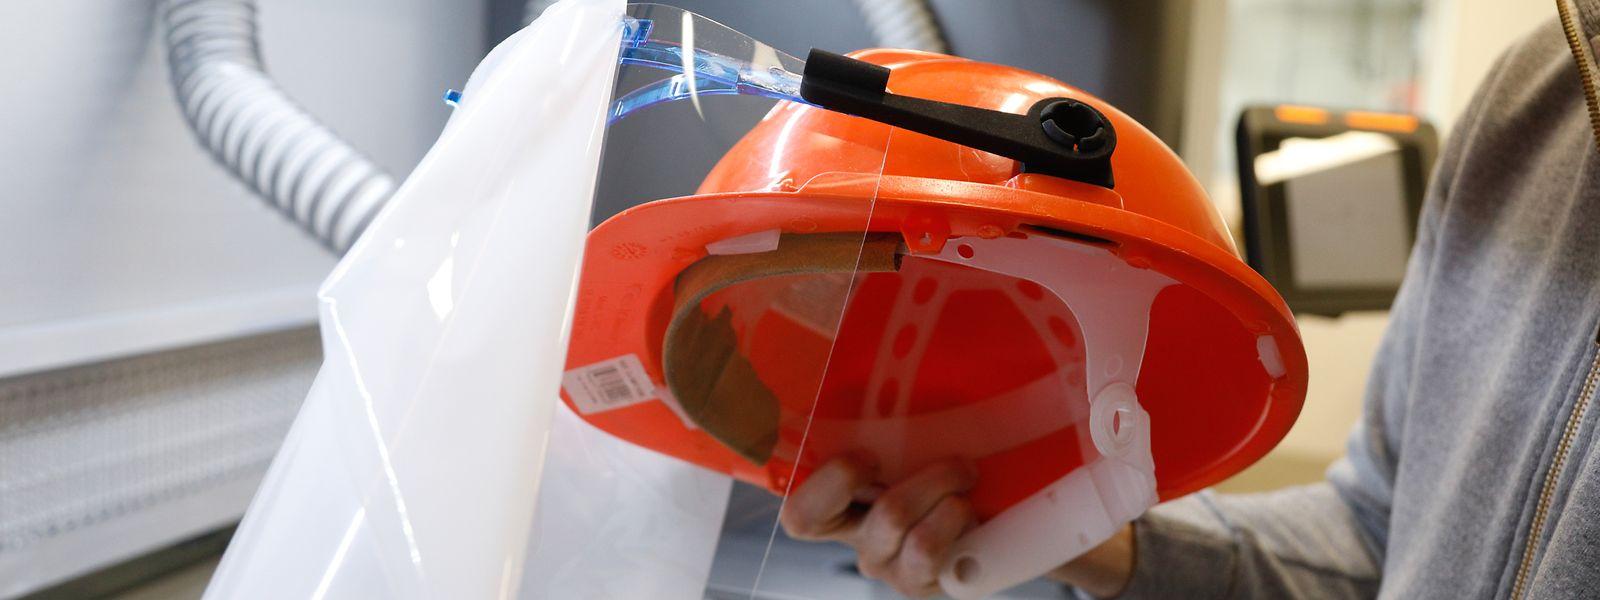 En réponse à une demande, GCL a développé un modèle de visière de protection adaptable aux casques de chantier.